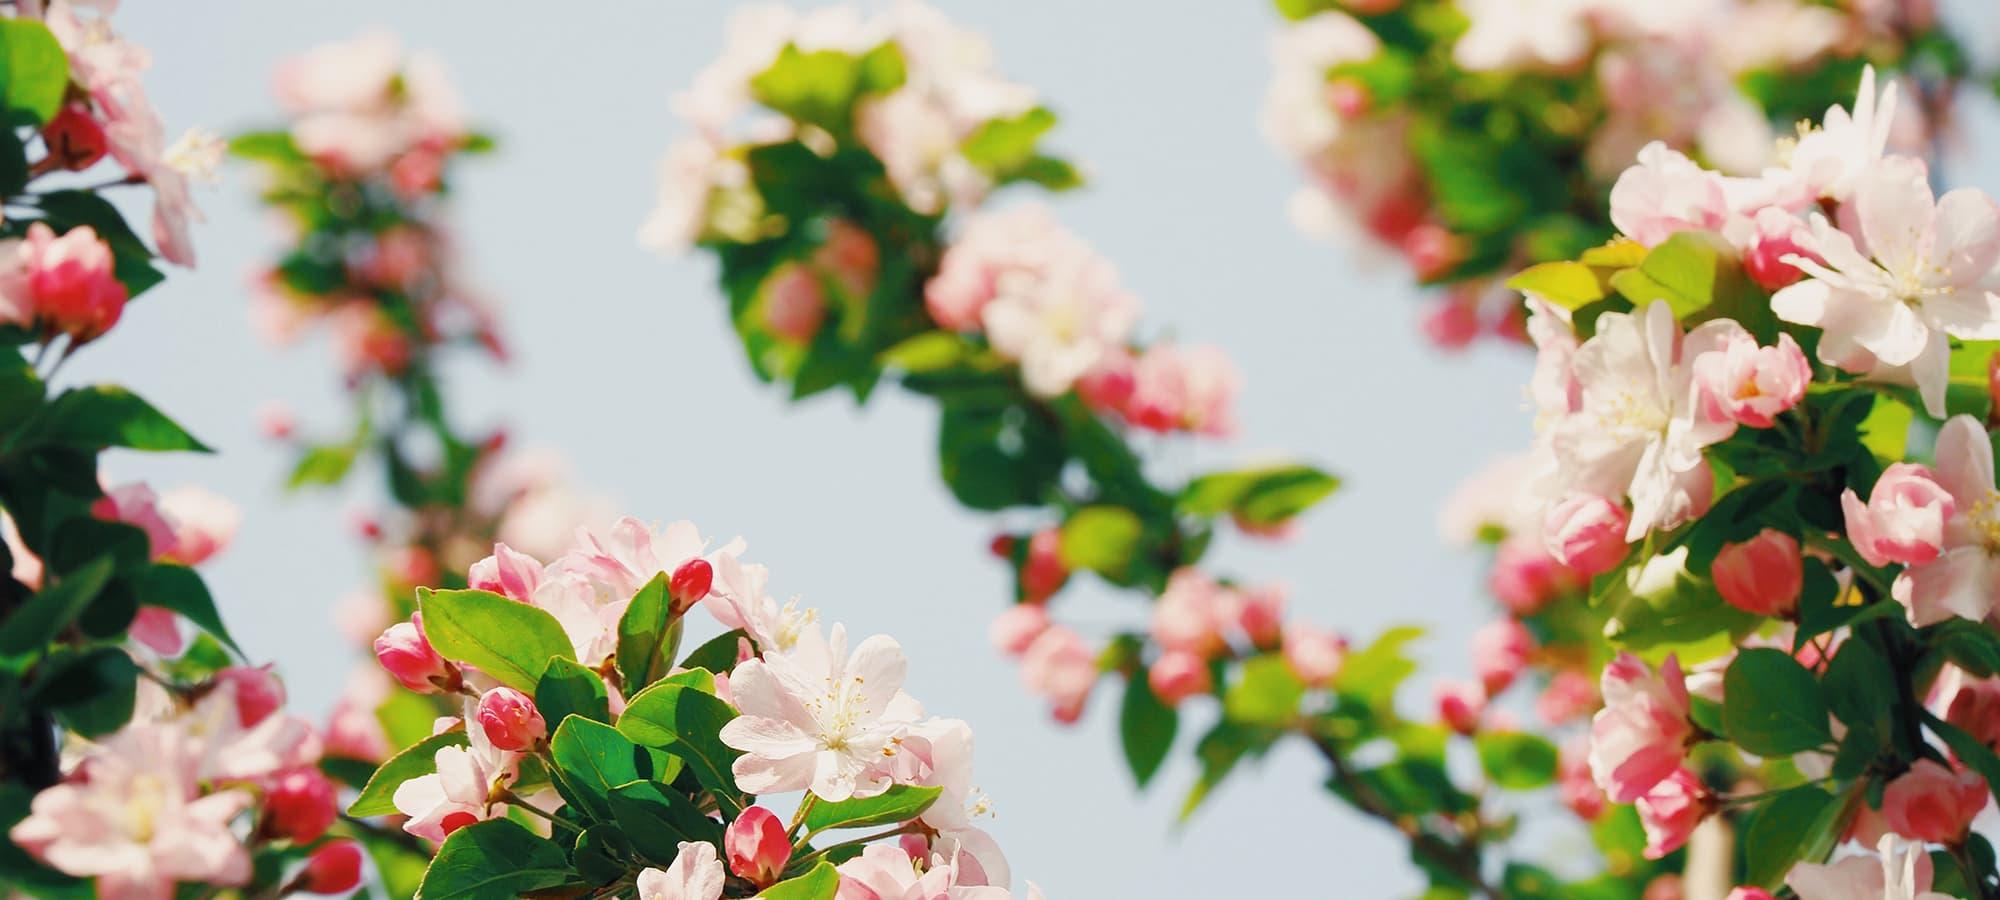 saint-mamet-fleurs-roses-arbre-fruitier-floraison